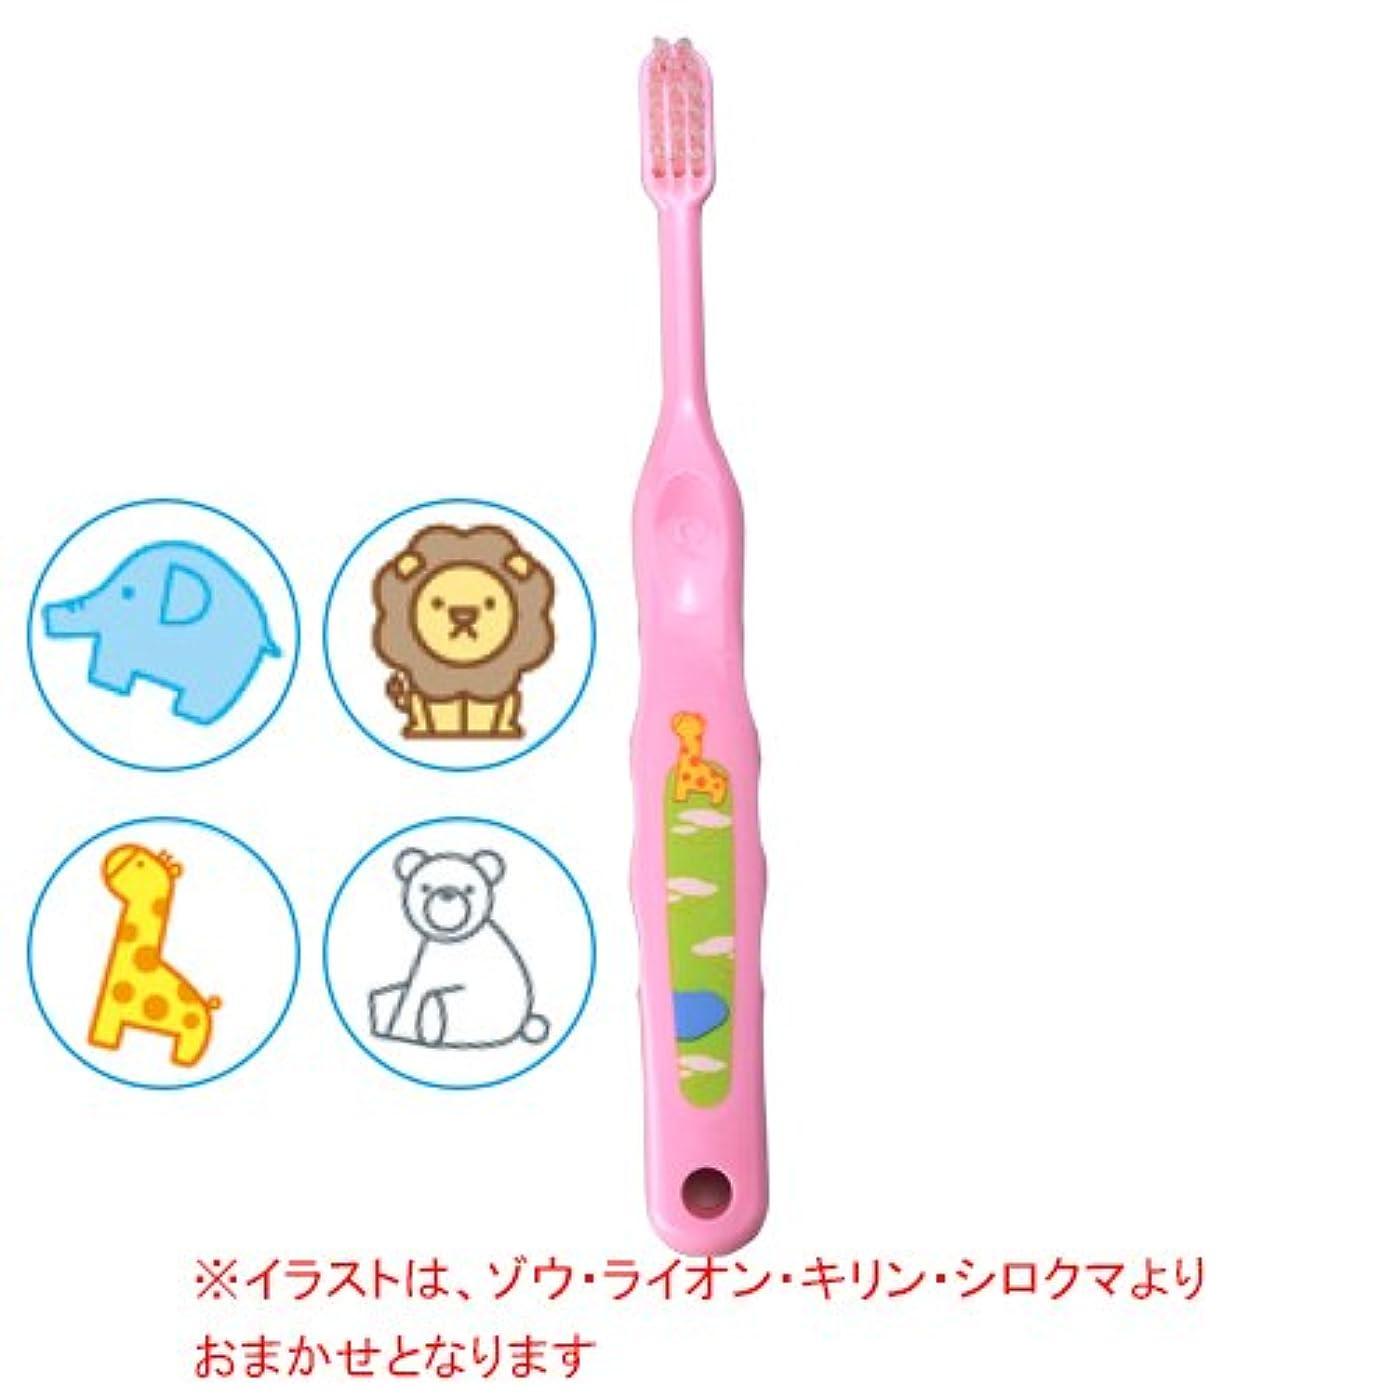 Ciメディカル Ci なまえ歯ブラシ 502 (ふつう) (乳児から小学生向) 1本  (ピンク)